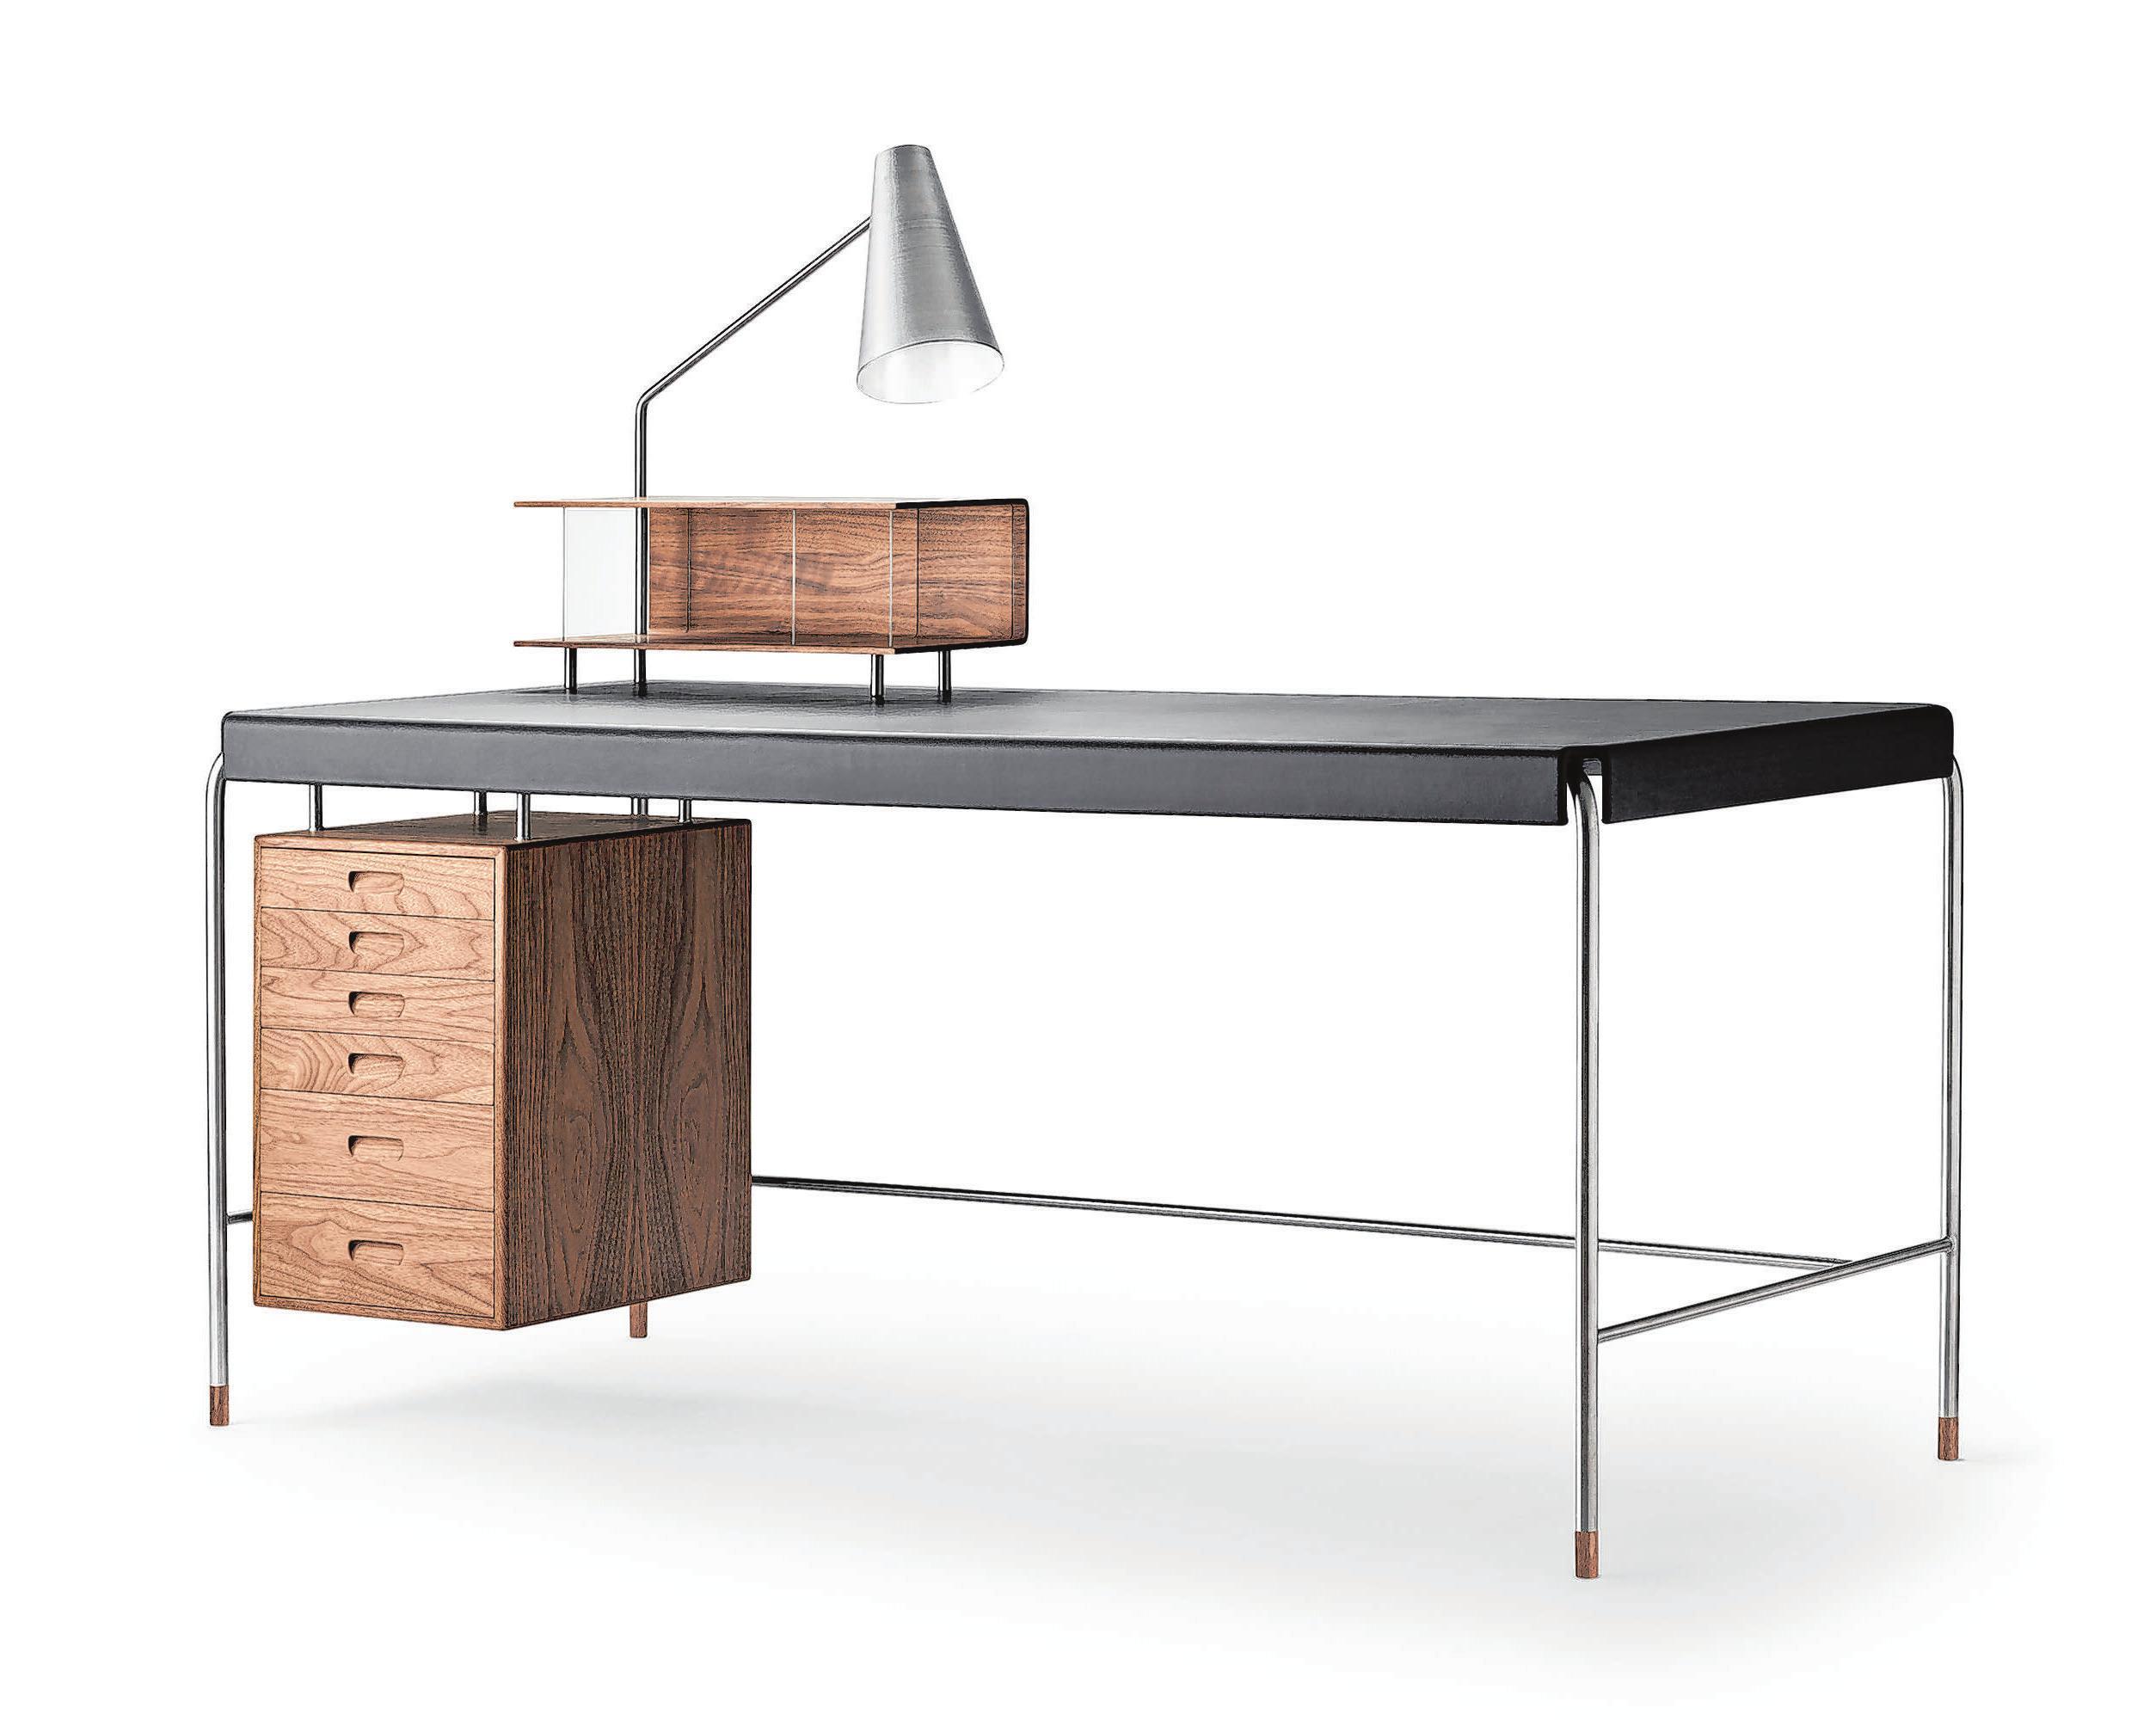 Klassischer Look: Der Society Table von Carl Hansen & Søn besteht aus Stahl, Furnier, Leder und Holz. Foto: Carl Hansen & Søn/dpa